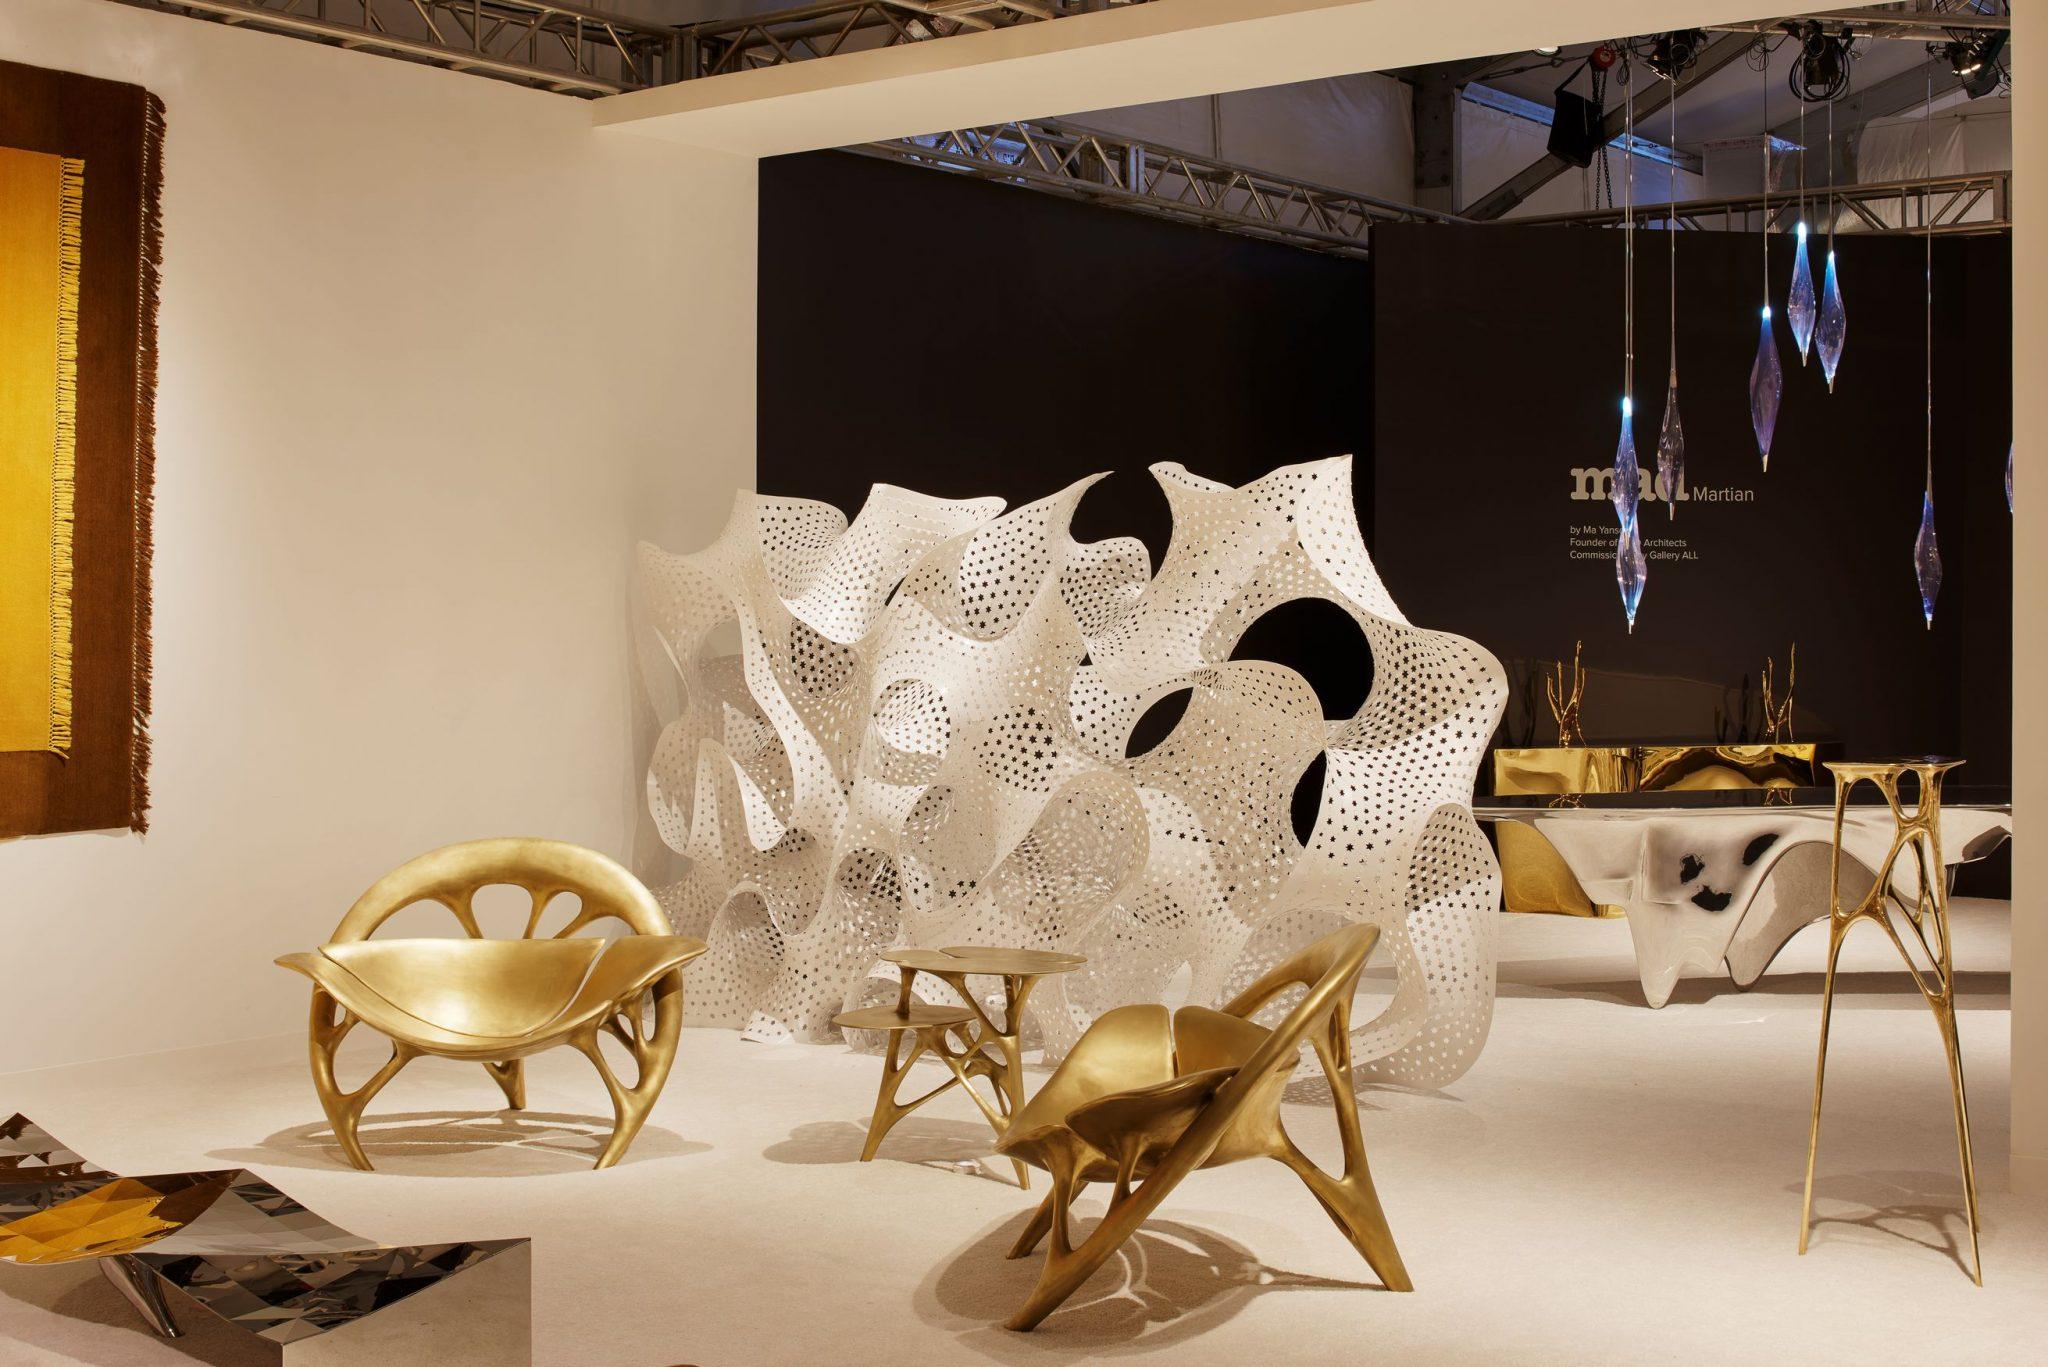 Espacio de Gallery ALL, uno de los pioneros en cuanto al diseño futurista en China.